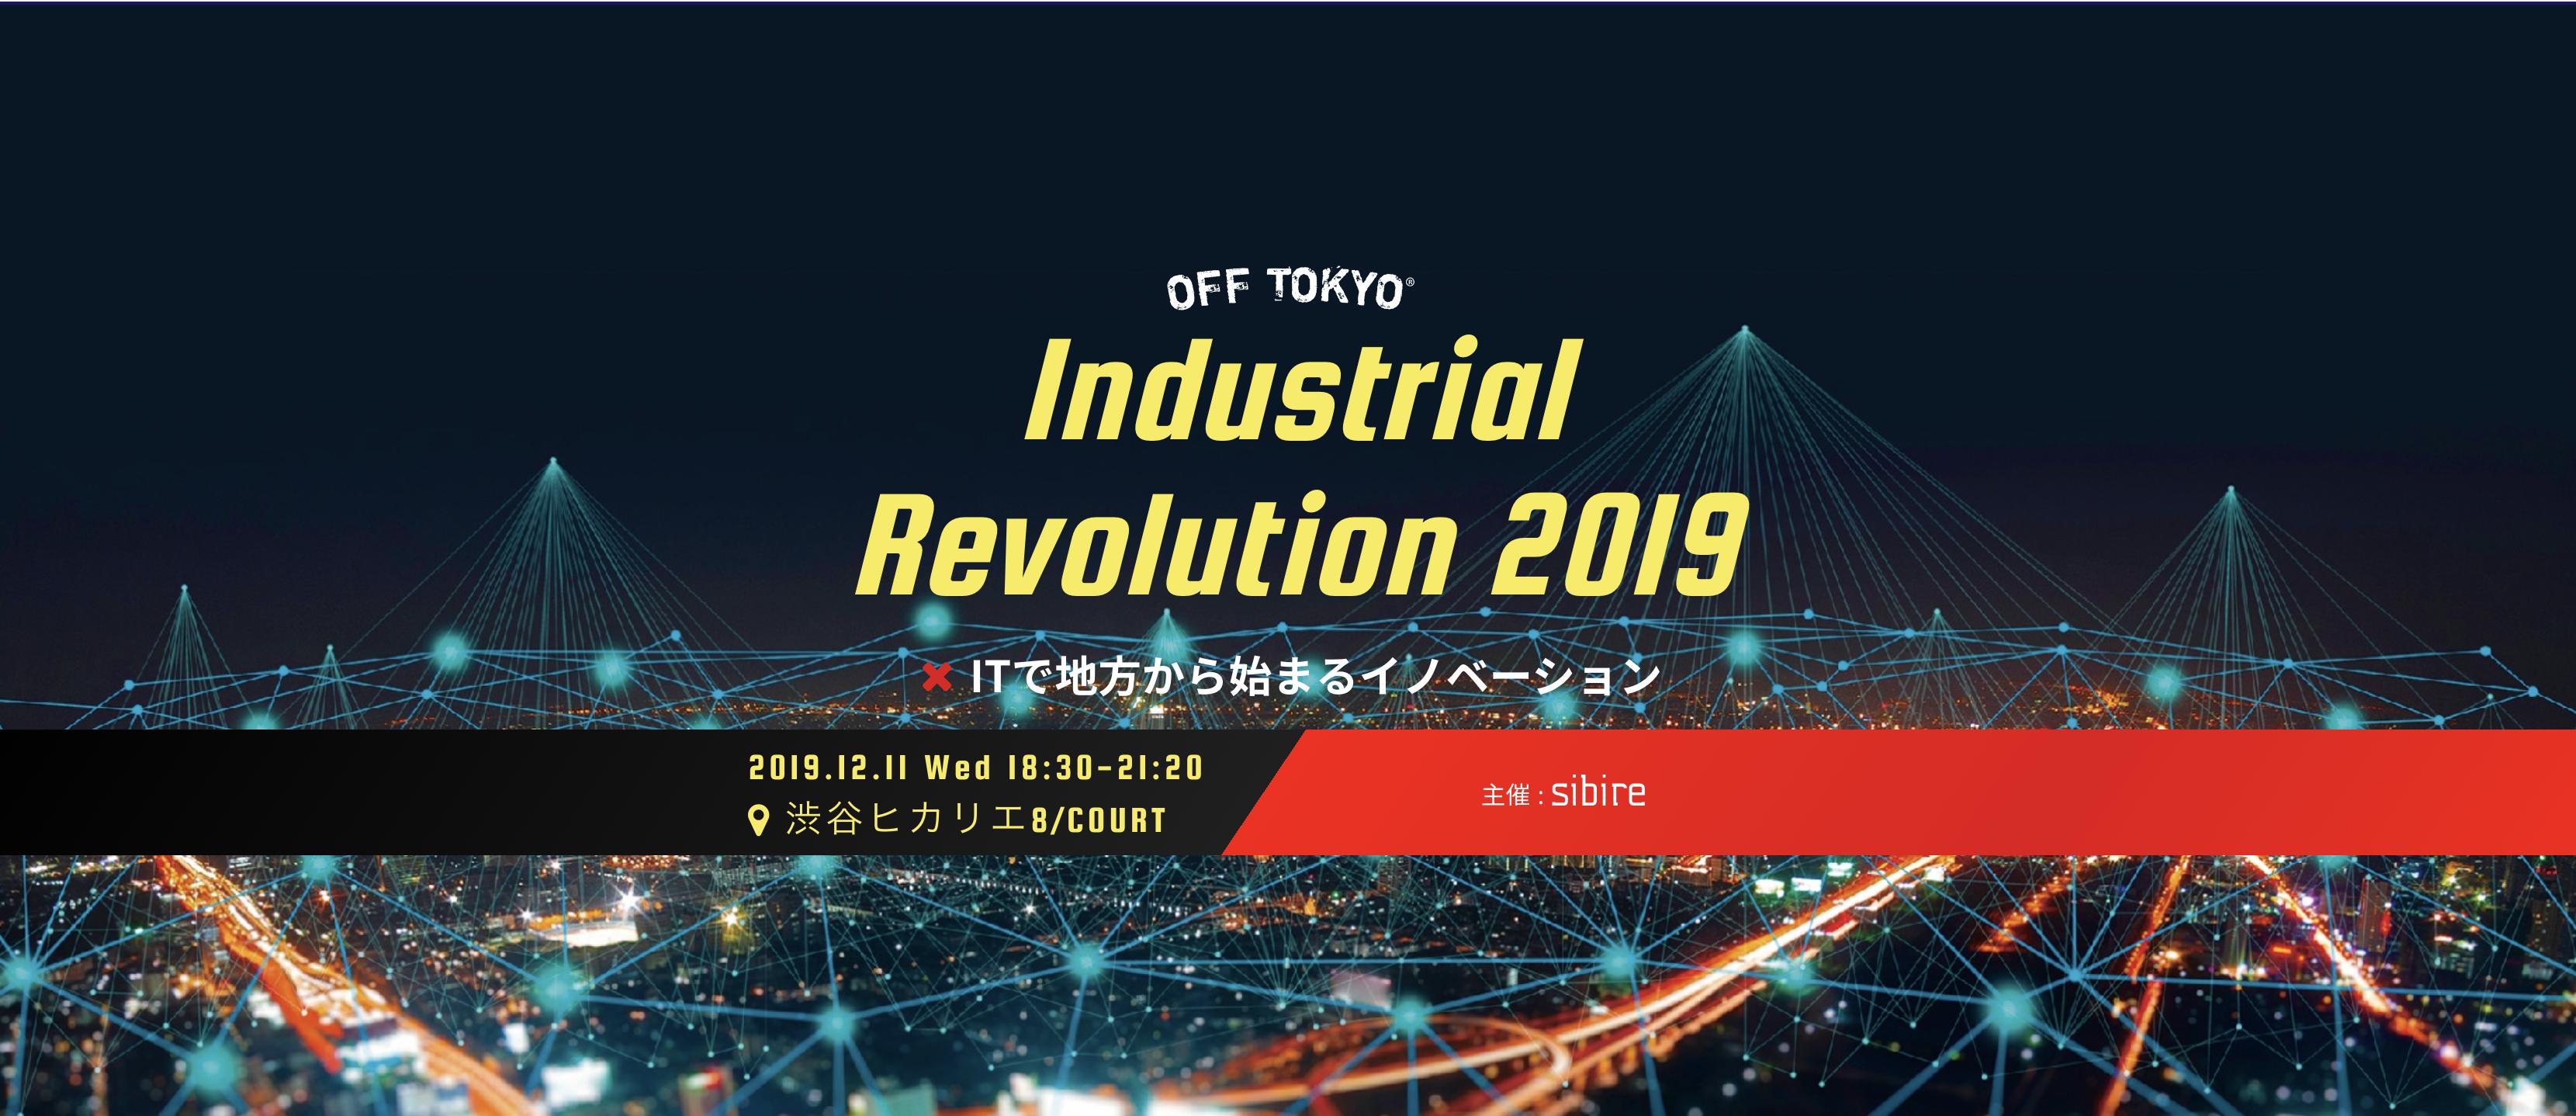 12/11渋谷ヒカリエで開催される「Industrial Revolution2019」に登壇いたします